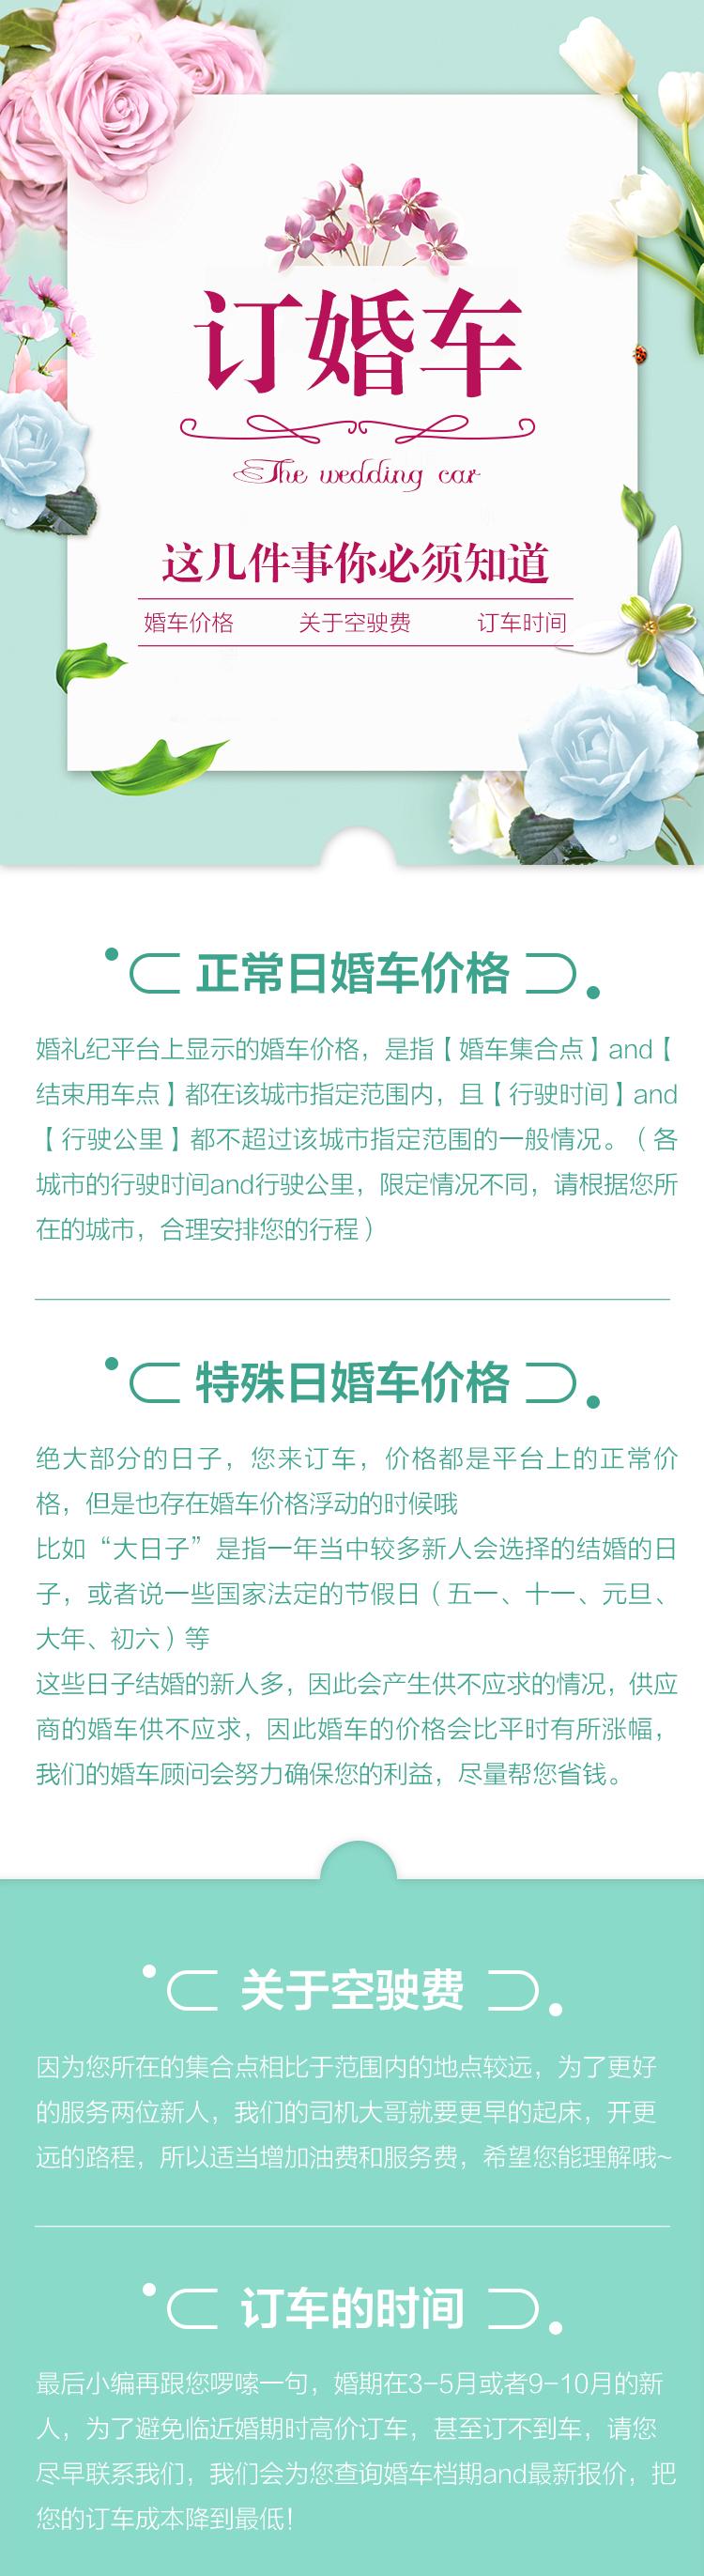 【劳斯莱斯】幻影/1辆 + 【奥迪】A6L/3辆 or 【奔驰】S系/3辆